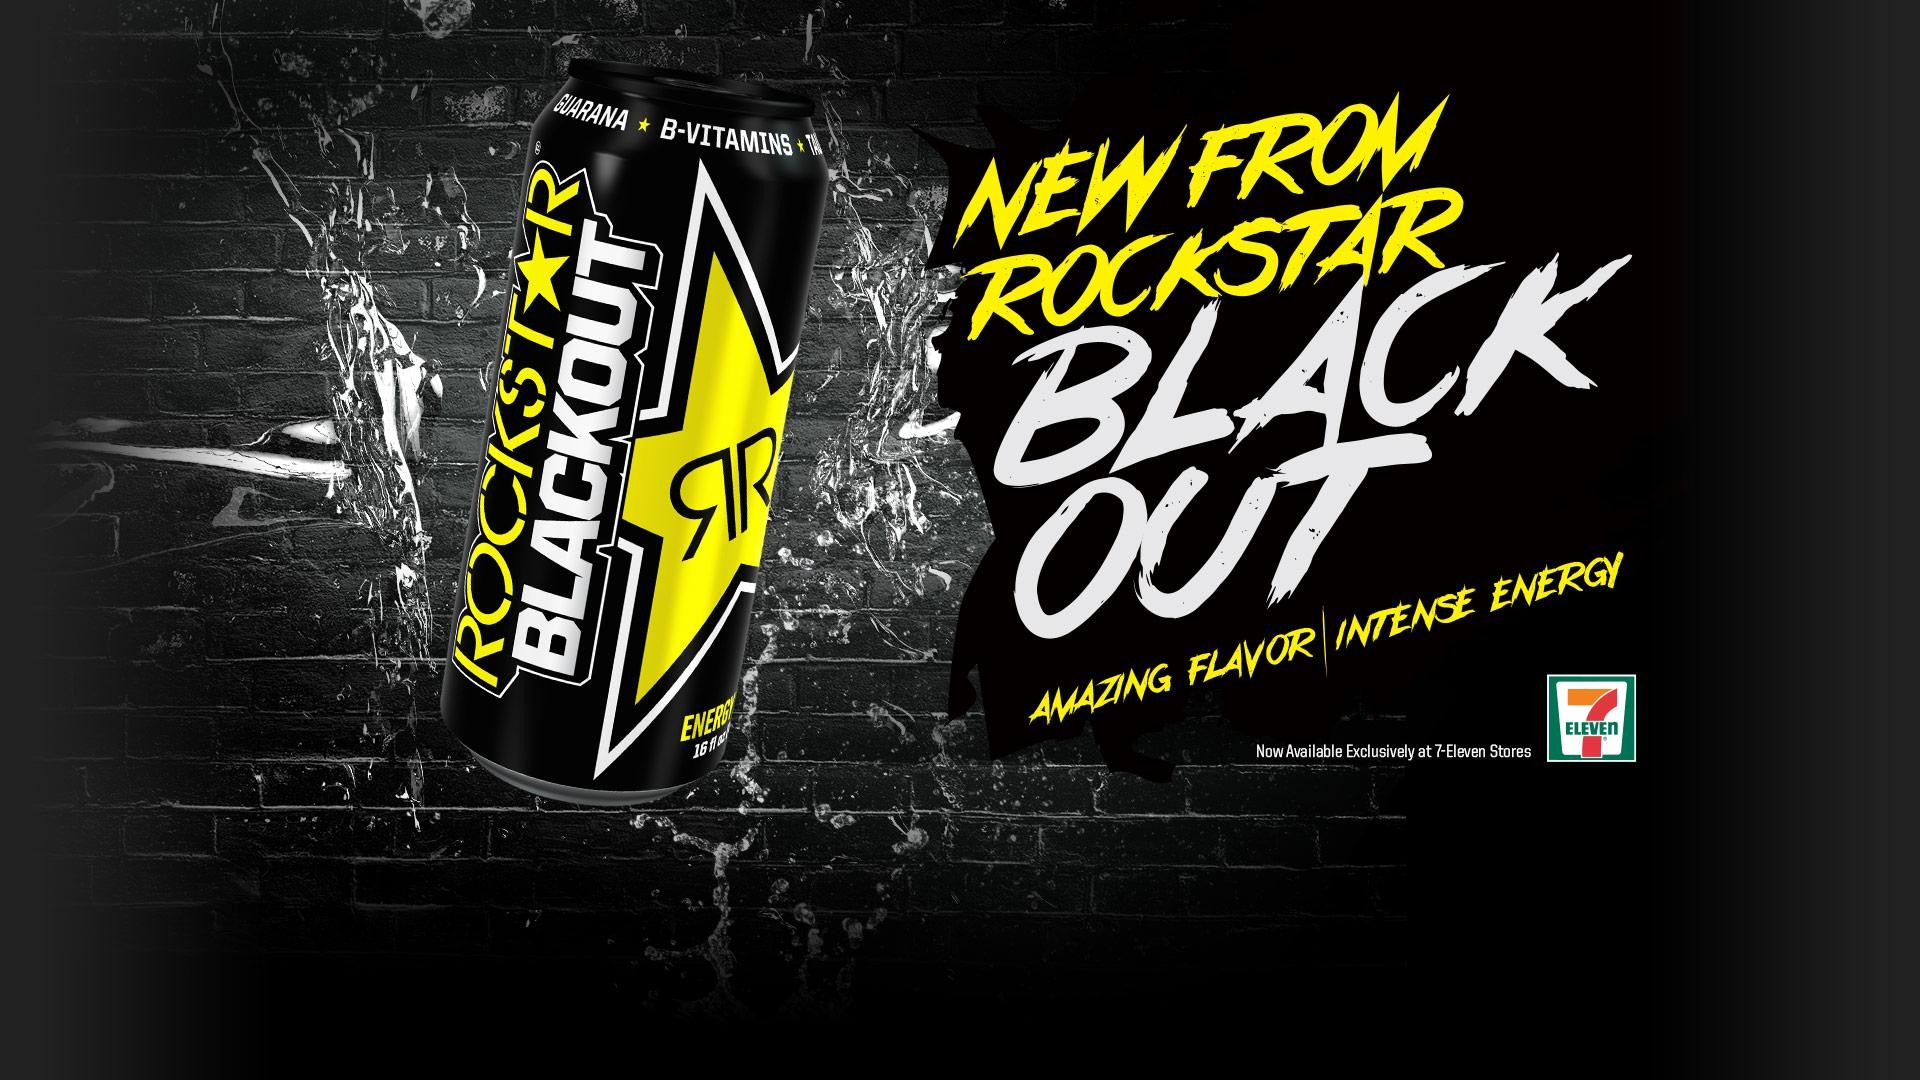 rockstar full movie hd 1080p free download